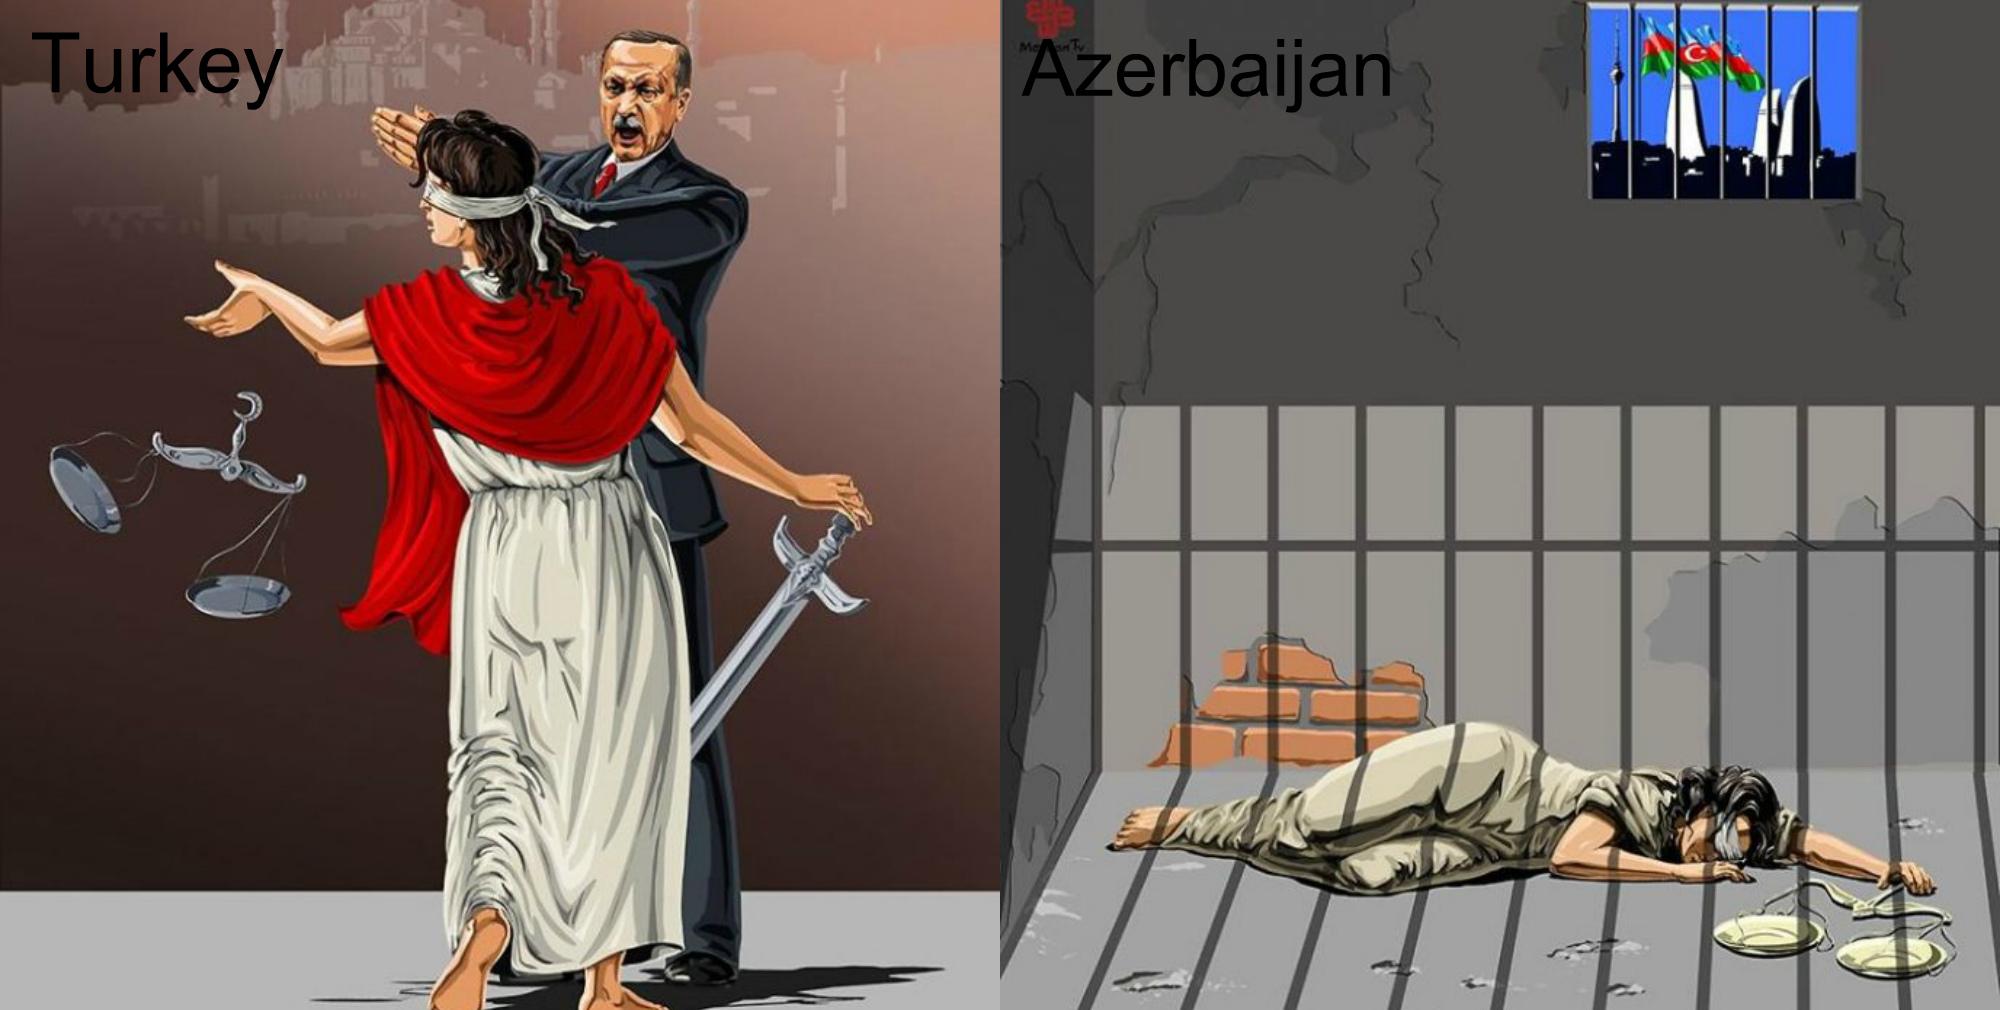 Իլուստրացիաներ այն մասին, թե ինչպես են տարբեր երկրների առաջնորդներ տեսնում արդարությունը